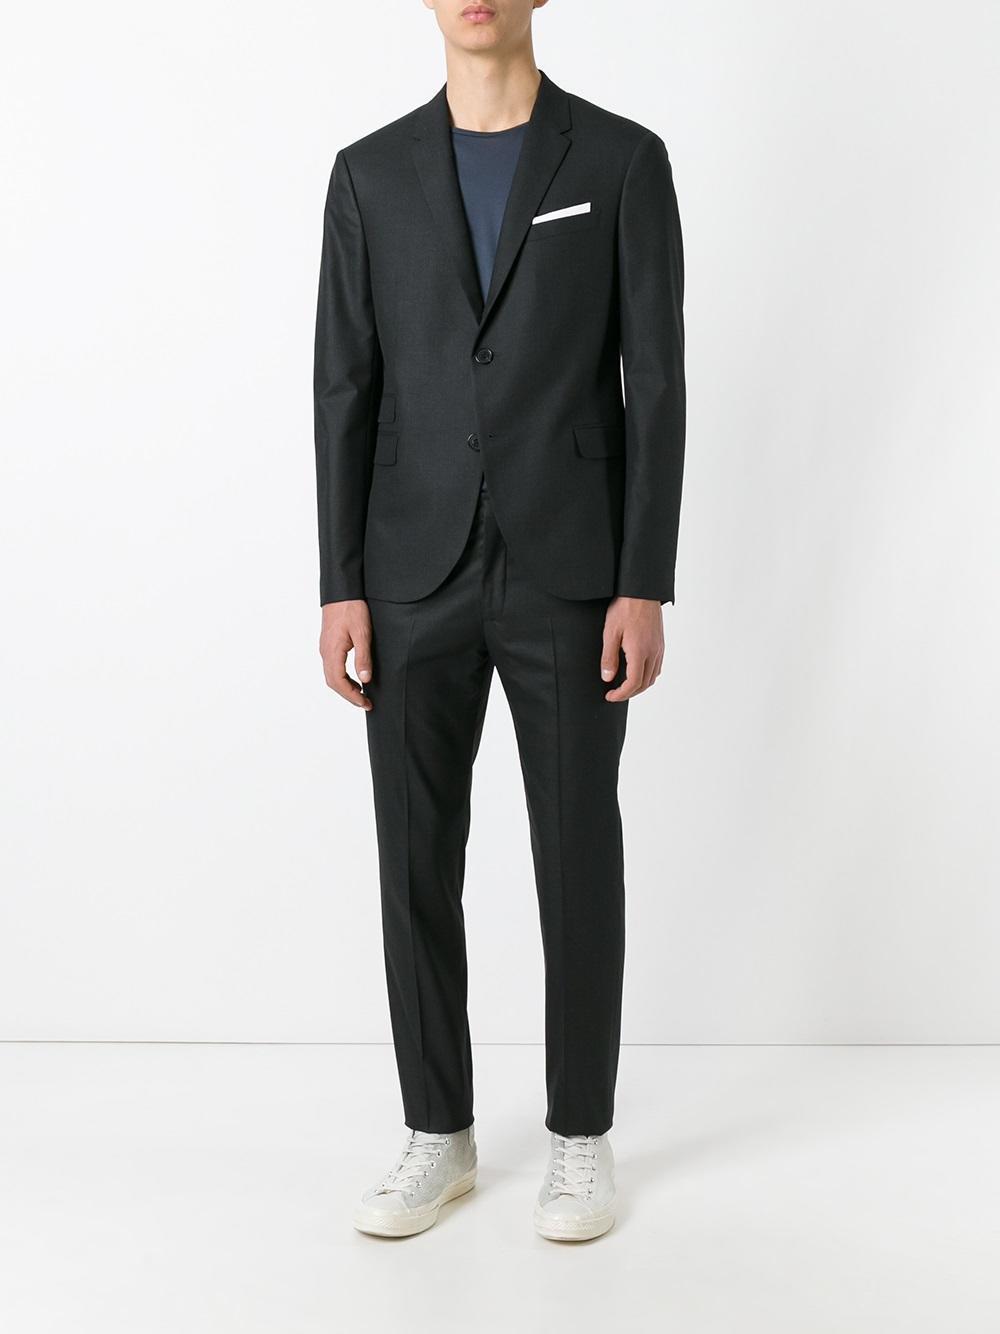 Lyst neil barrett formal suit in black for men for Neil barrett tuxedo shirt